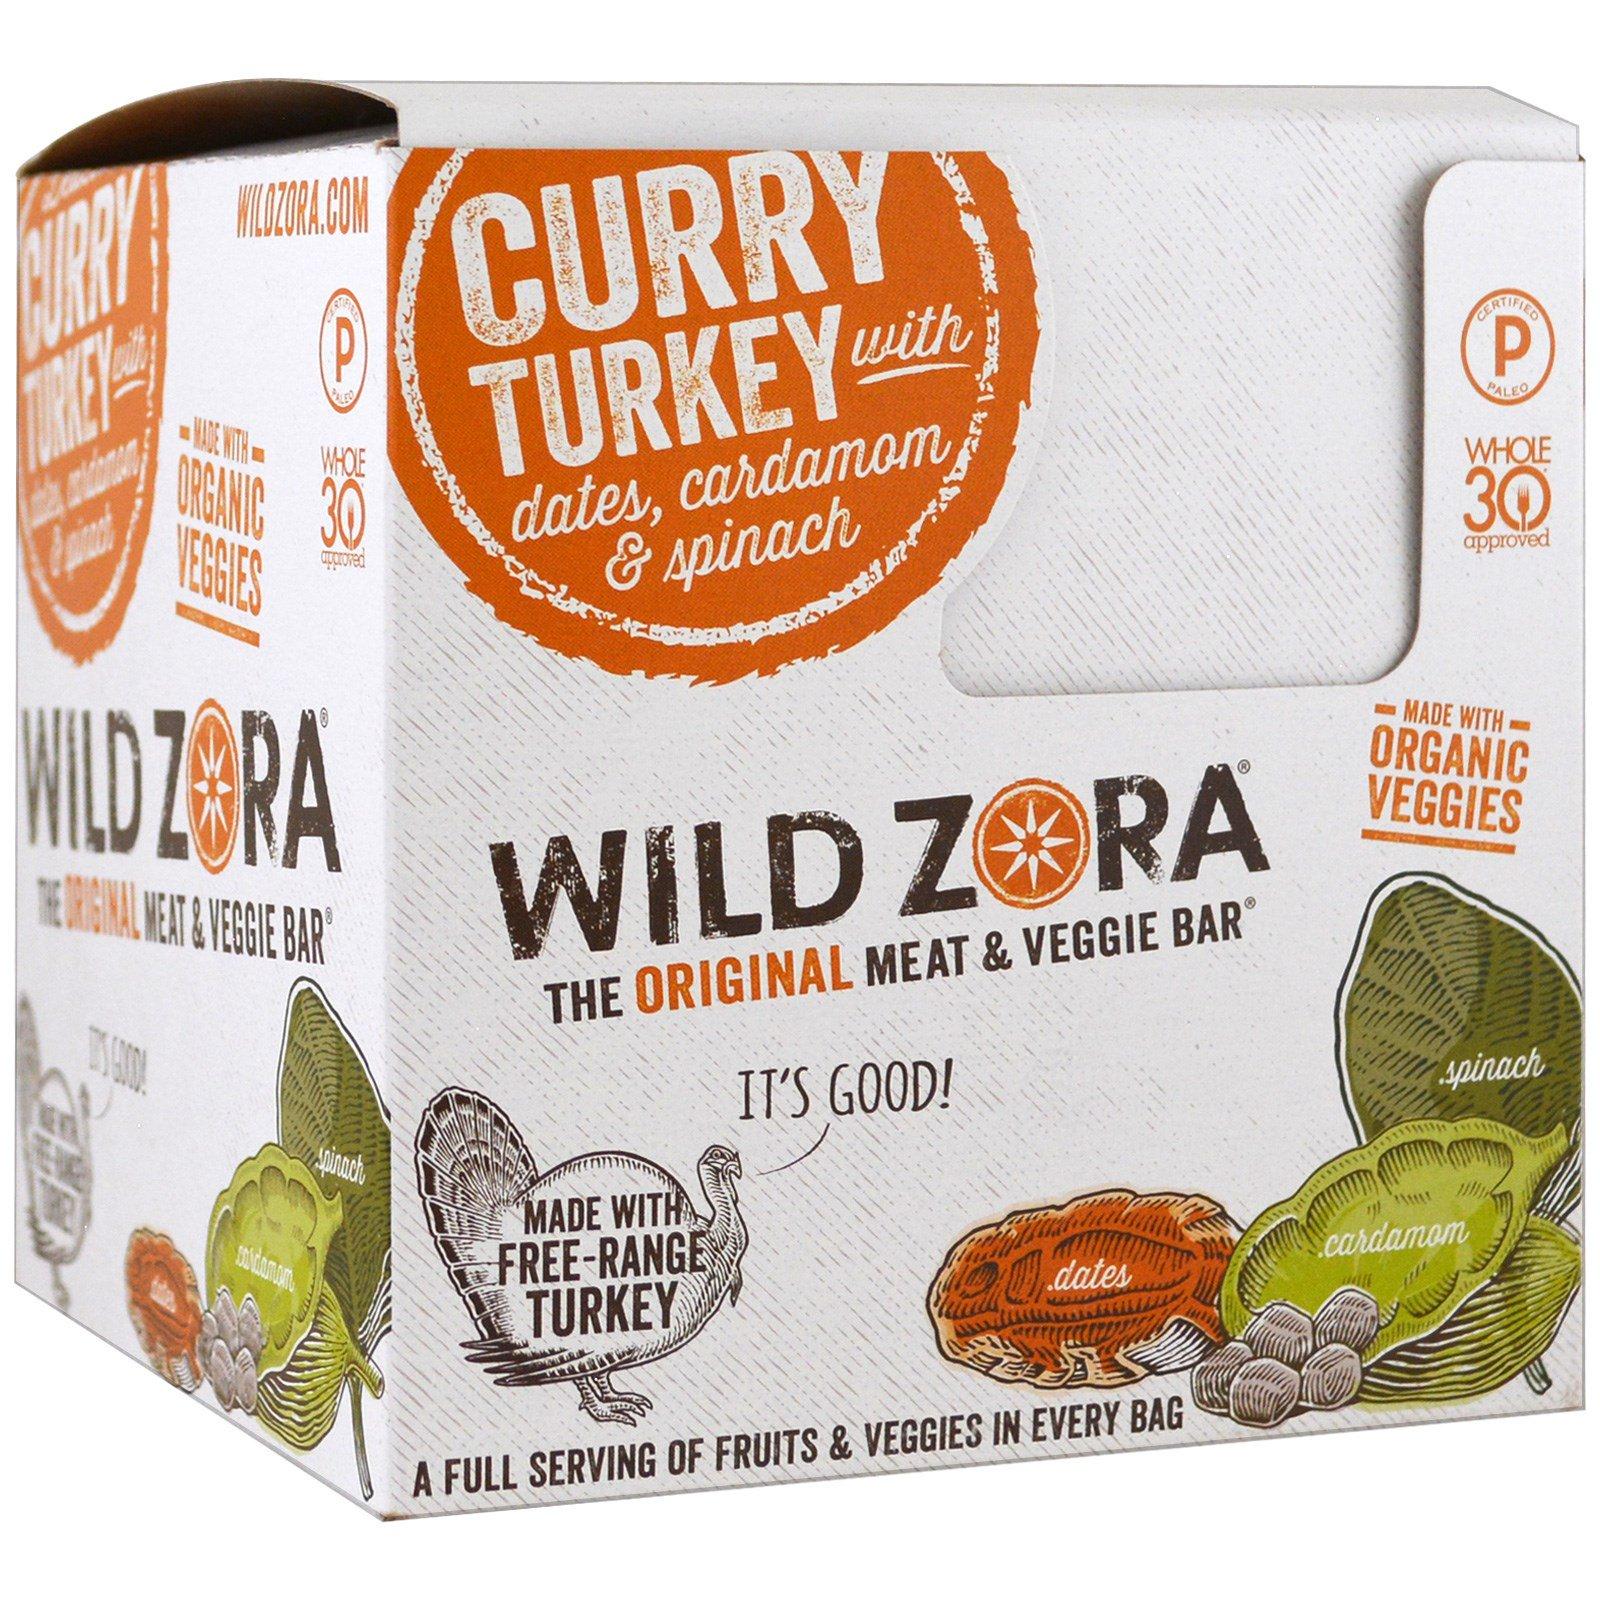 Wild Zora Foods LLC, Мясной и овощной батончик, индейка карри с финиками, кардамон и шпинат, 10 пакетиков, 1.0 унций (28 г) каждый